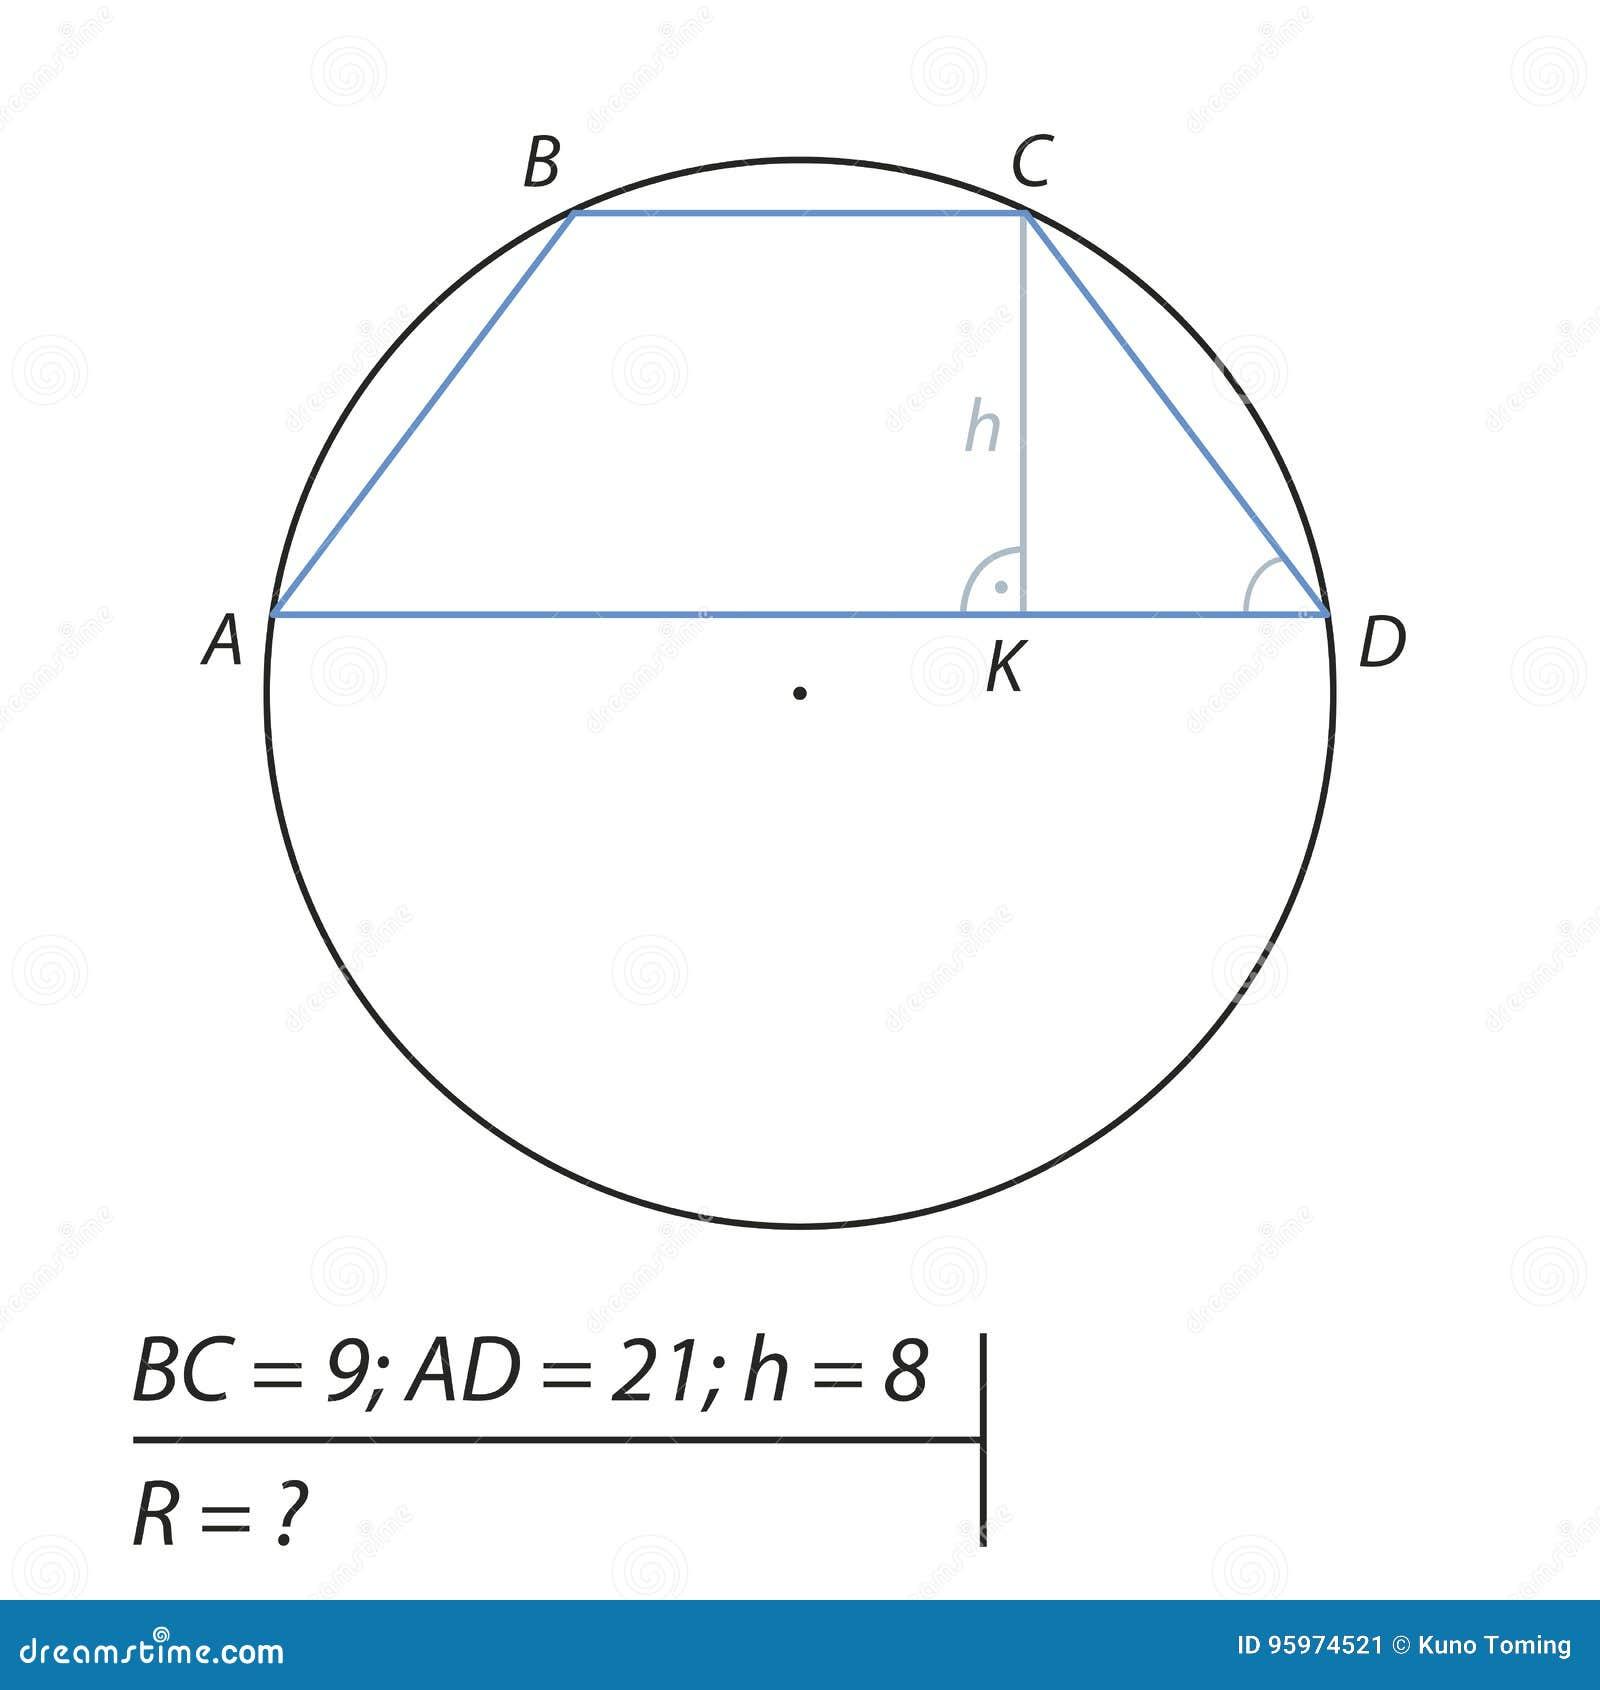 Vind de straal R van de cirkel